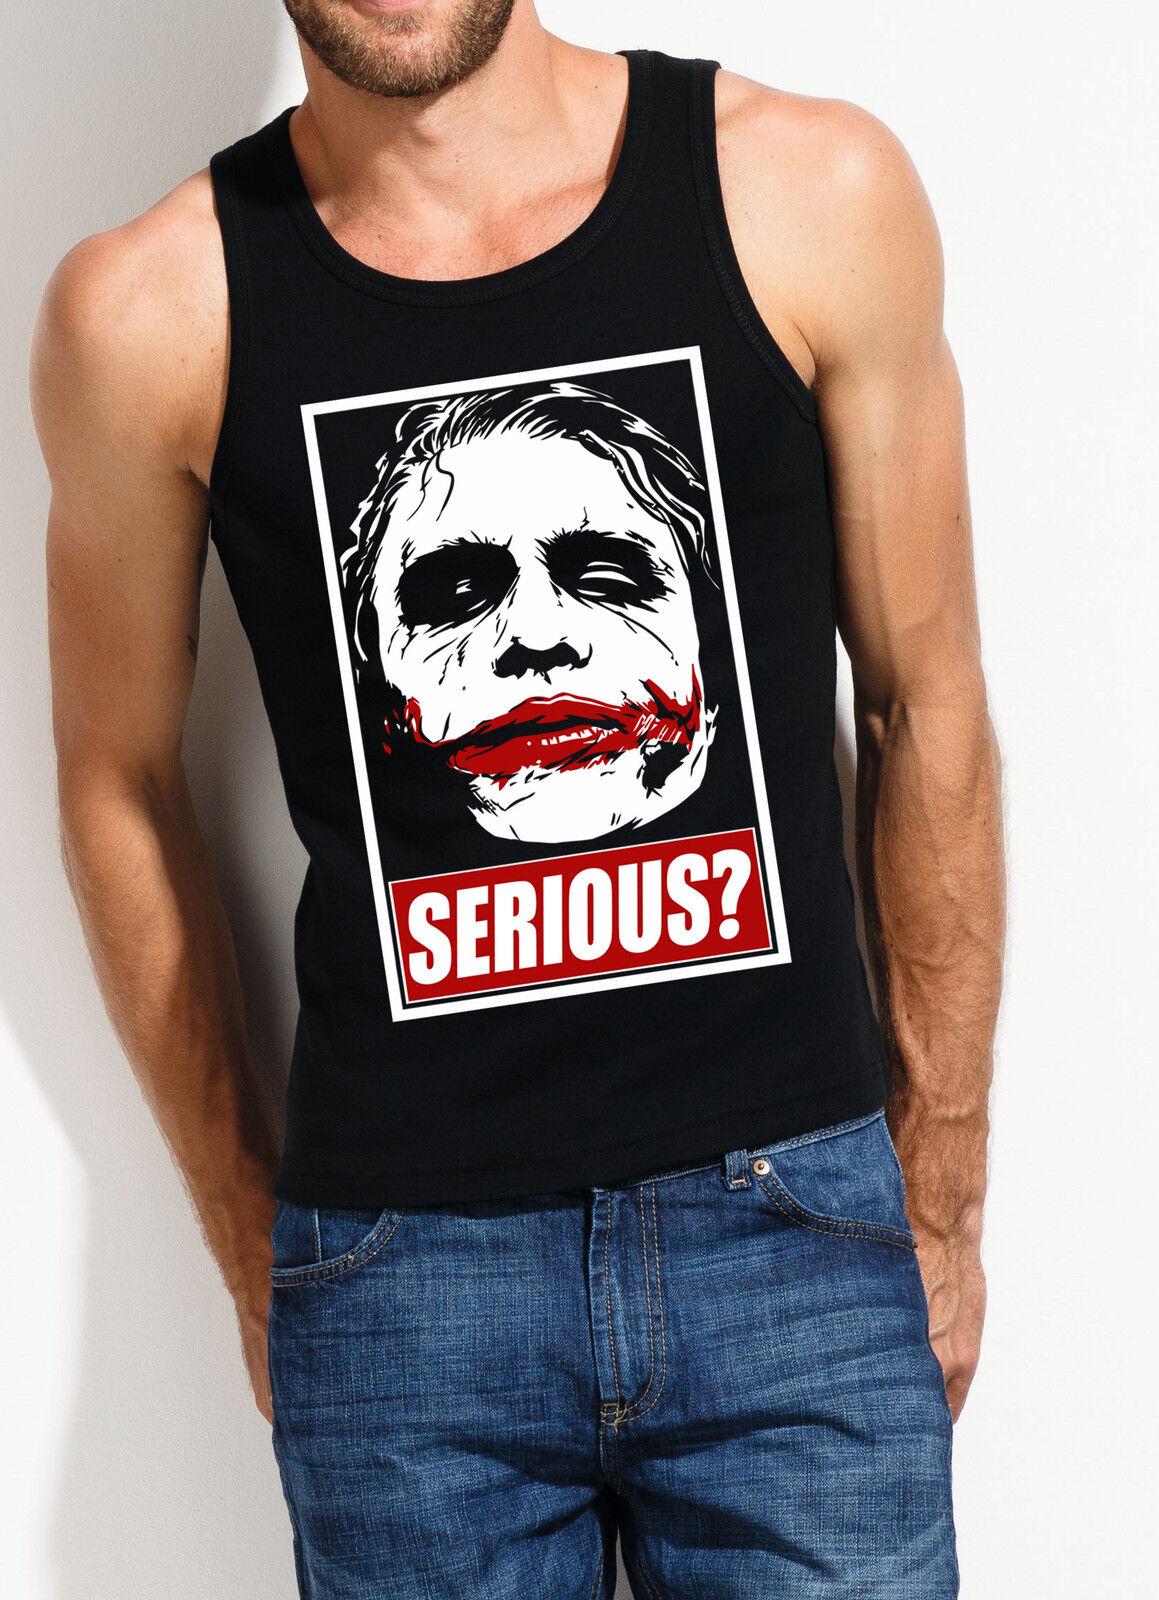 Serious Joker Muscle shirt Batman, Batman, Batman, grand livre, Dark Knight, prankster, psycho, smile 53d5e2